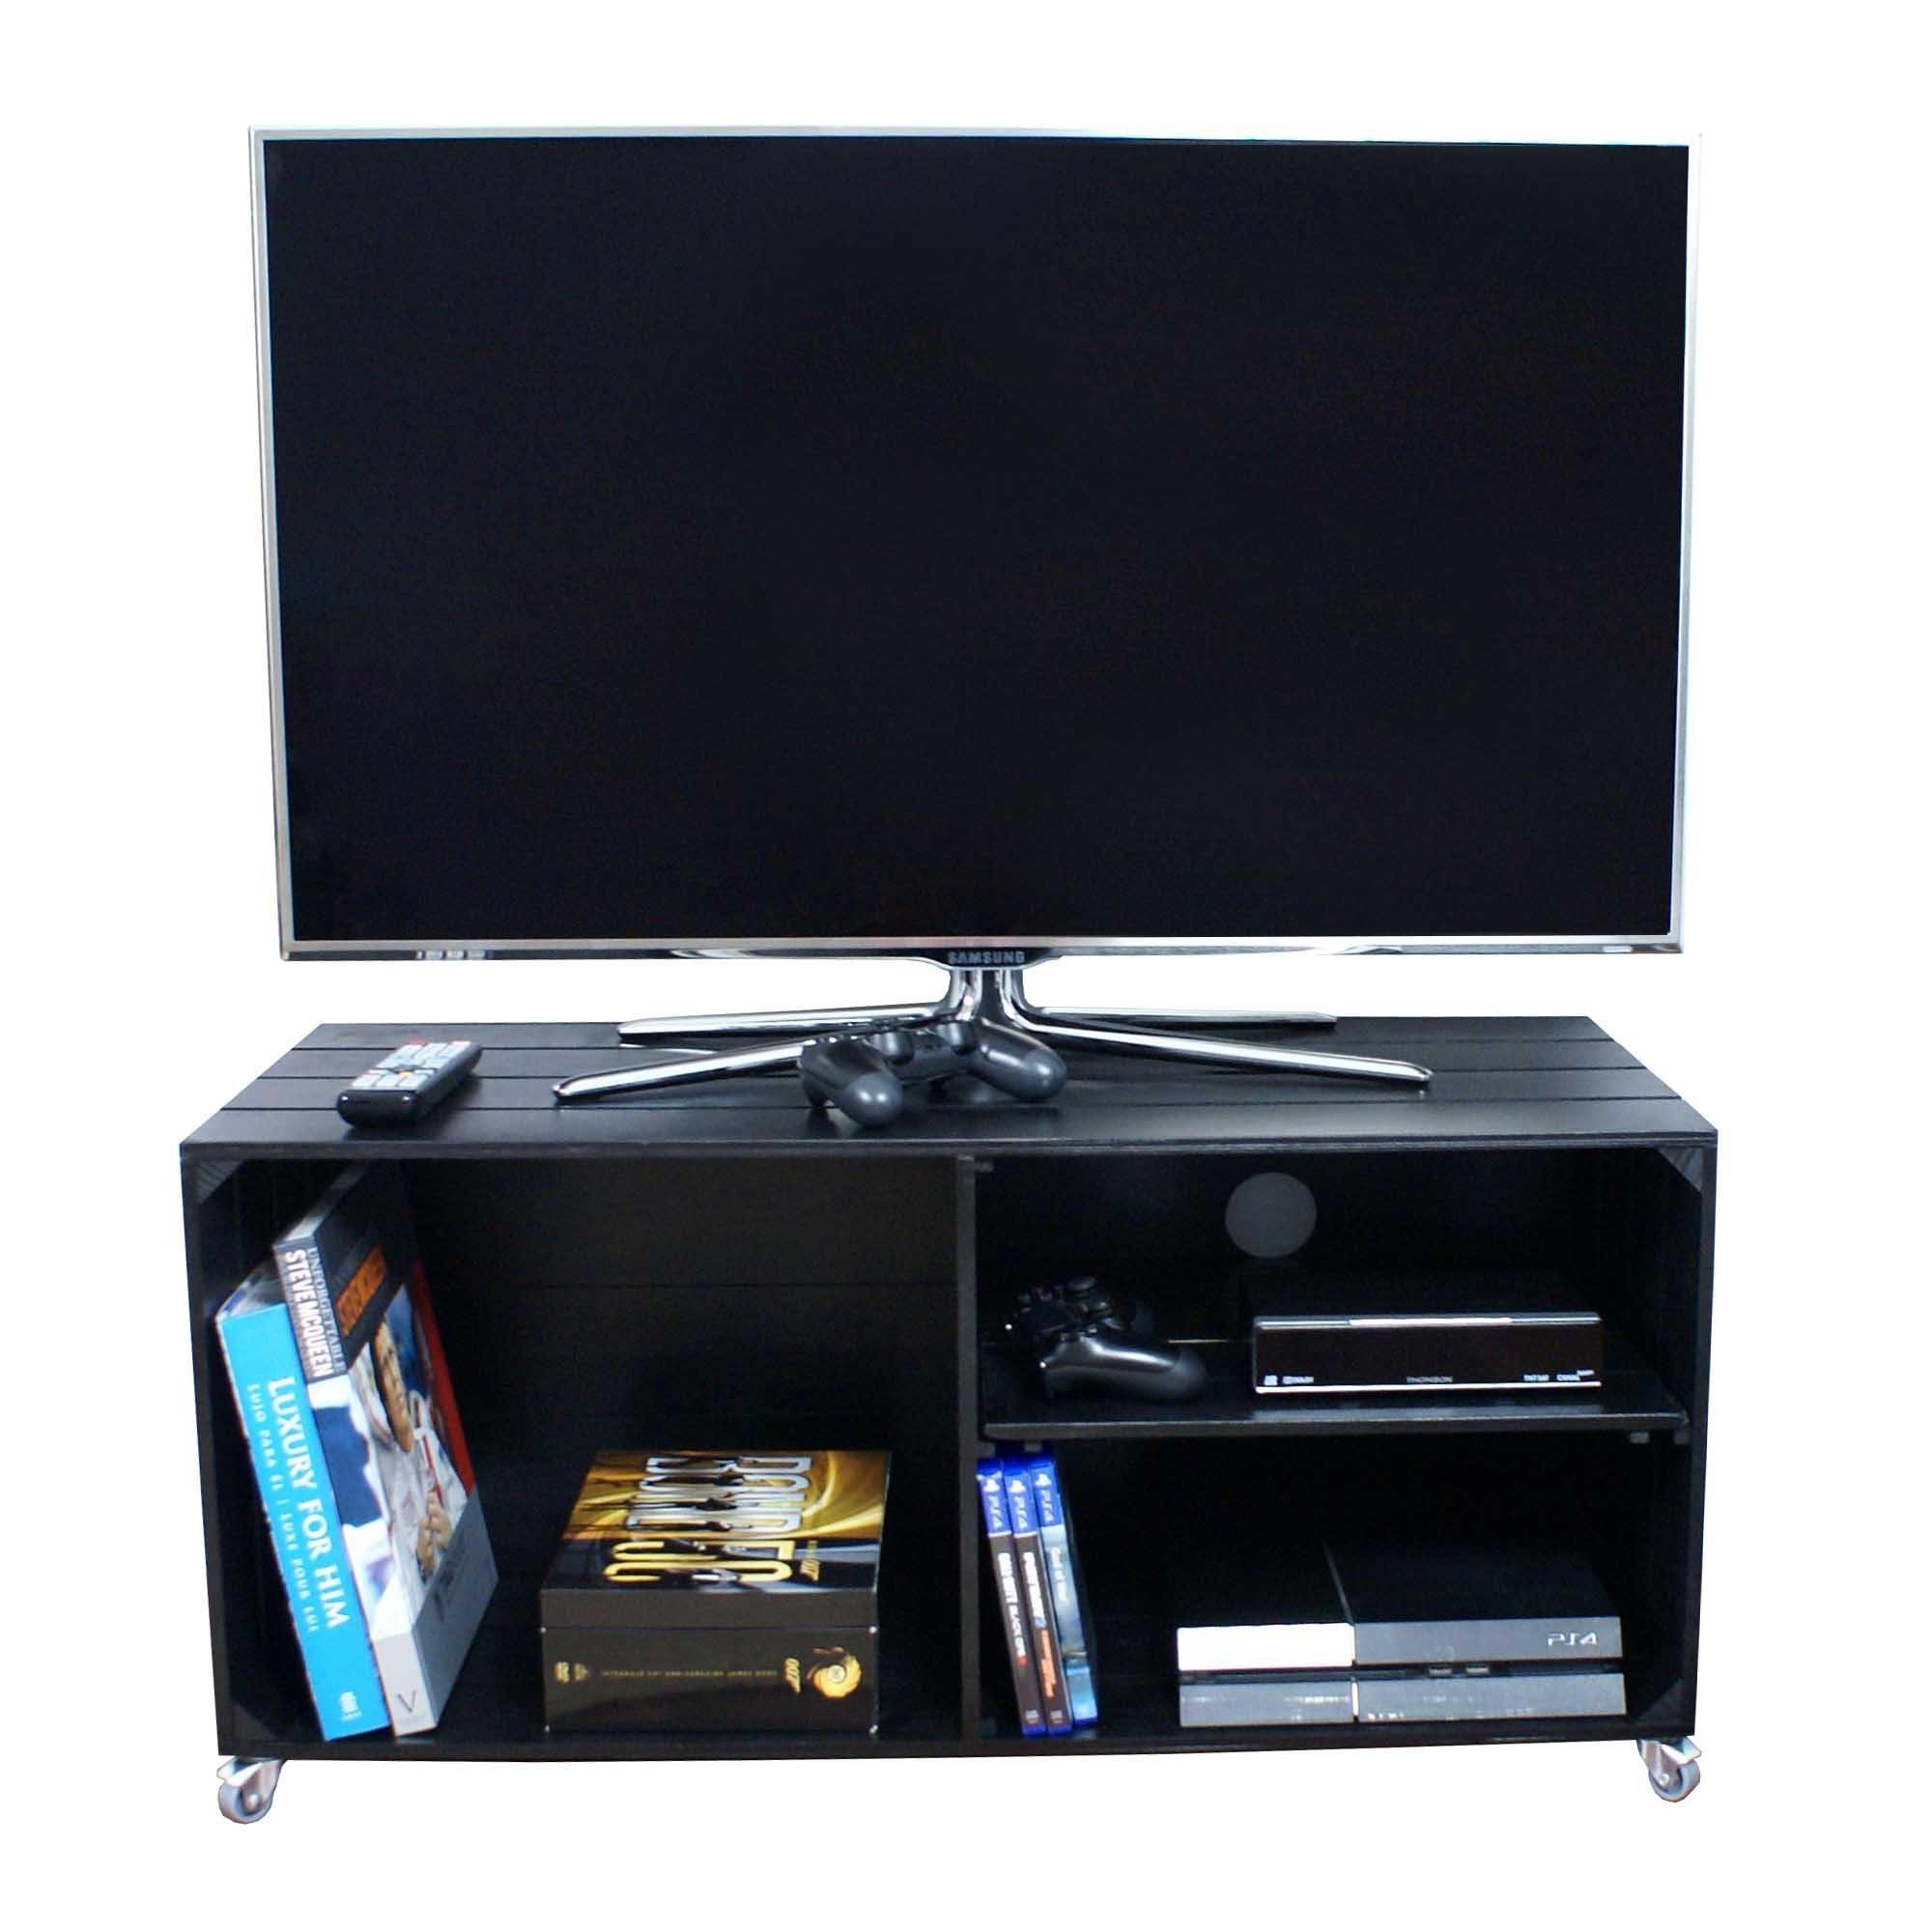 Liza Line Mesa DE Madera, Mueble TV con 3 Compartimentos y Ruedas Giratorias. Mueble Televisor de Pino Nórdico Macizo, Estilo Cajas Vintage con Estantes - 90 x 40 x 42 cm (Negro):